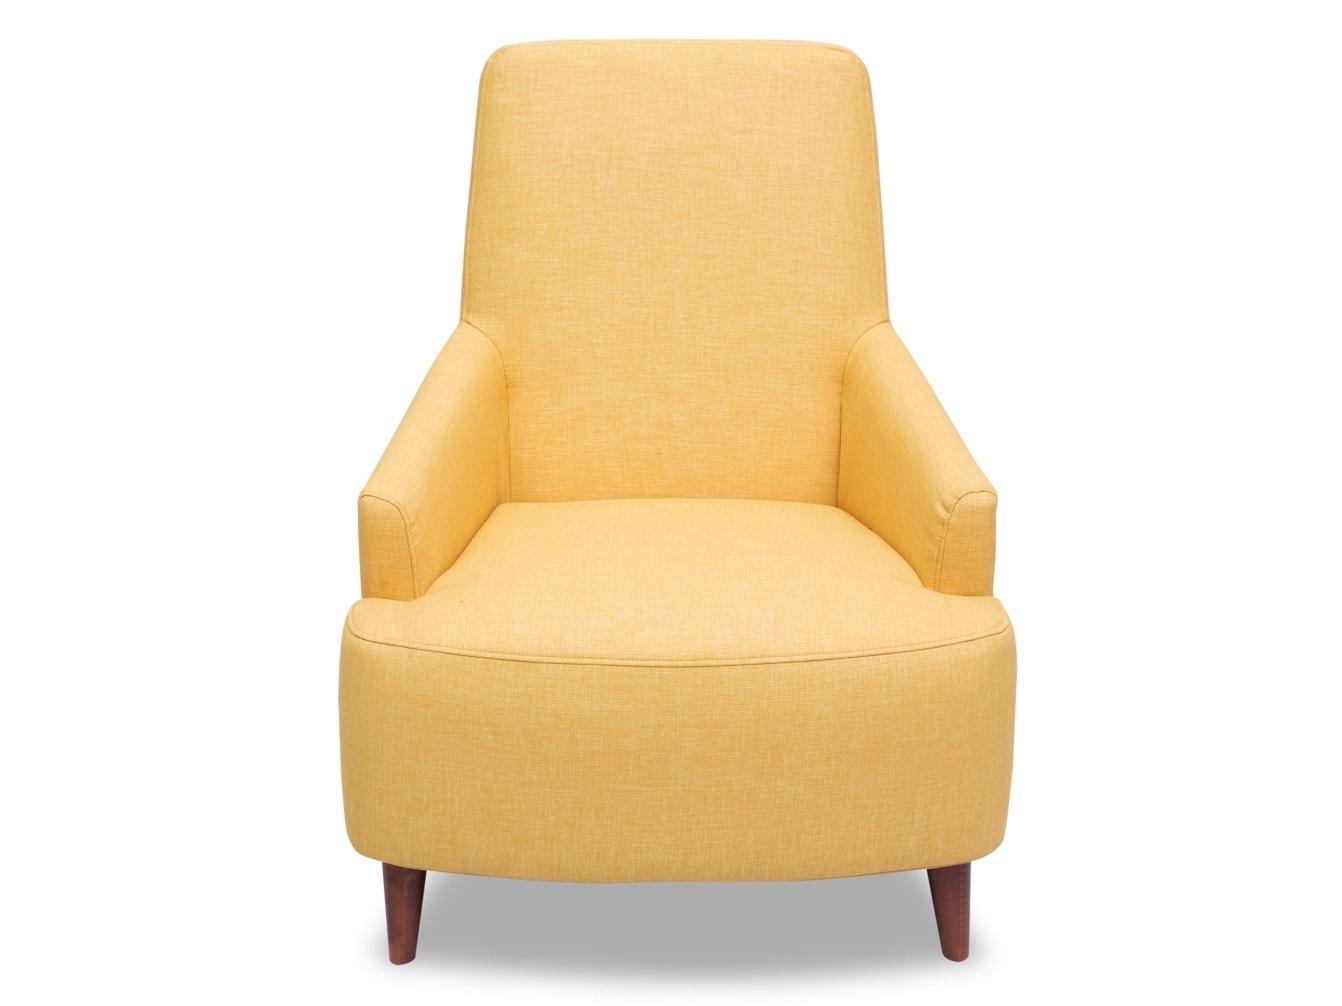 Кресло ФленИнтерьерные кресла<br>Кресло Флен очень удобное и практичное. Его цветовое решение и элегантная форма станут отличным дополнением к современному интерьеру.&amp;amp;nbsp;&amp;lt;div&amp;gt;Каркас (комбинации дерева, фанеры и ЛДСП). Для сидячих подушек используют пену различной плотности, а также перо и силиконовое волокно. Для задних подушек есть пять видов наполнения: пена, измельченная пена, пена высокой эластичности, силиконовые волокно.&amp;amp;nbsp;&amp;lt;/div&amp;gt;&amp;lt;div&amp;gt;Материал обивки: 100% полиэстер&amp;lt;/div&amp;gt;<br><br>Material: Текстиль<br>Ширина см: 77<br>Высота см: 97<br>Глубина см: 87